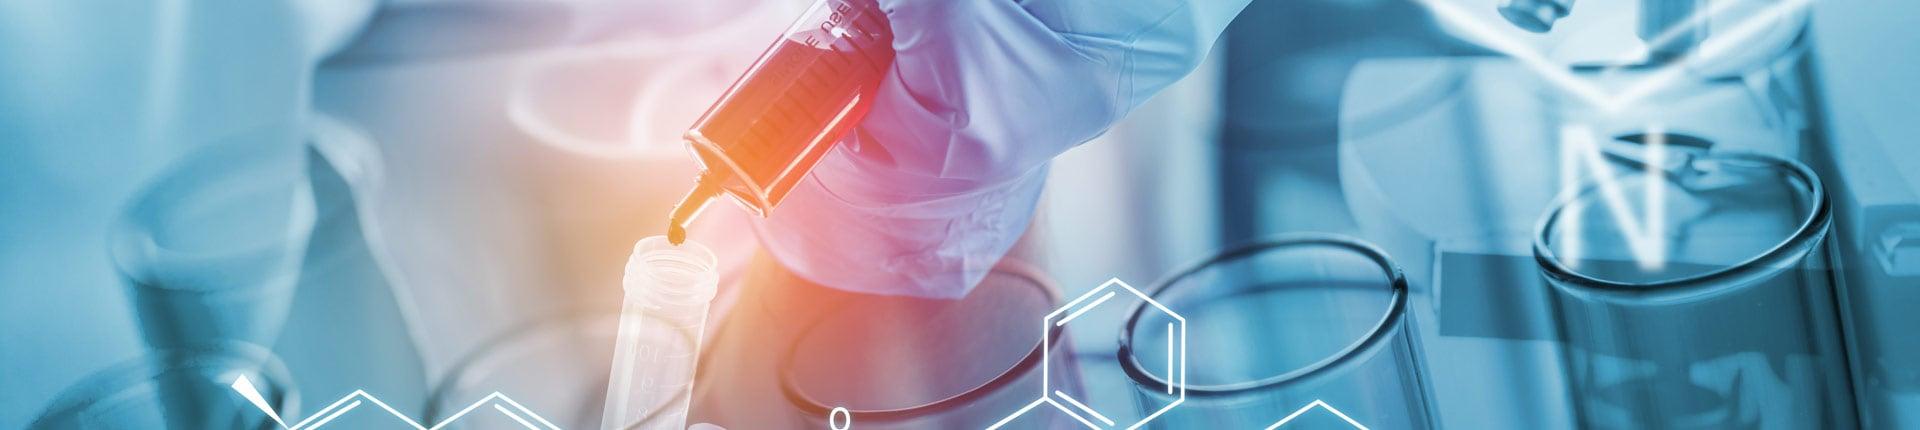 Witamina C redukuje stres i poprawia wyniki w nauce